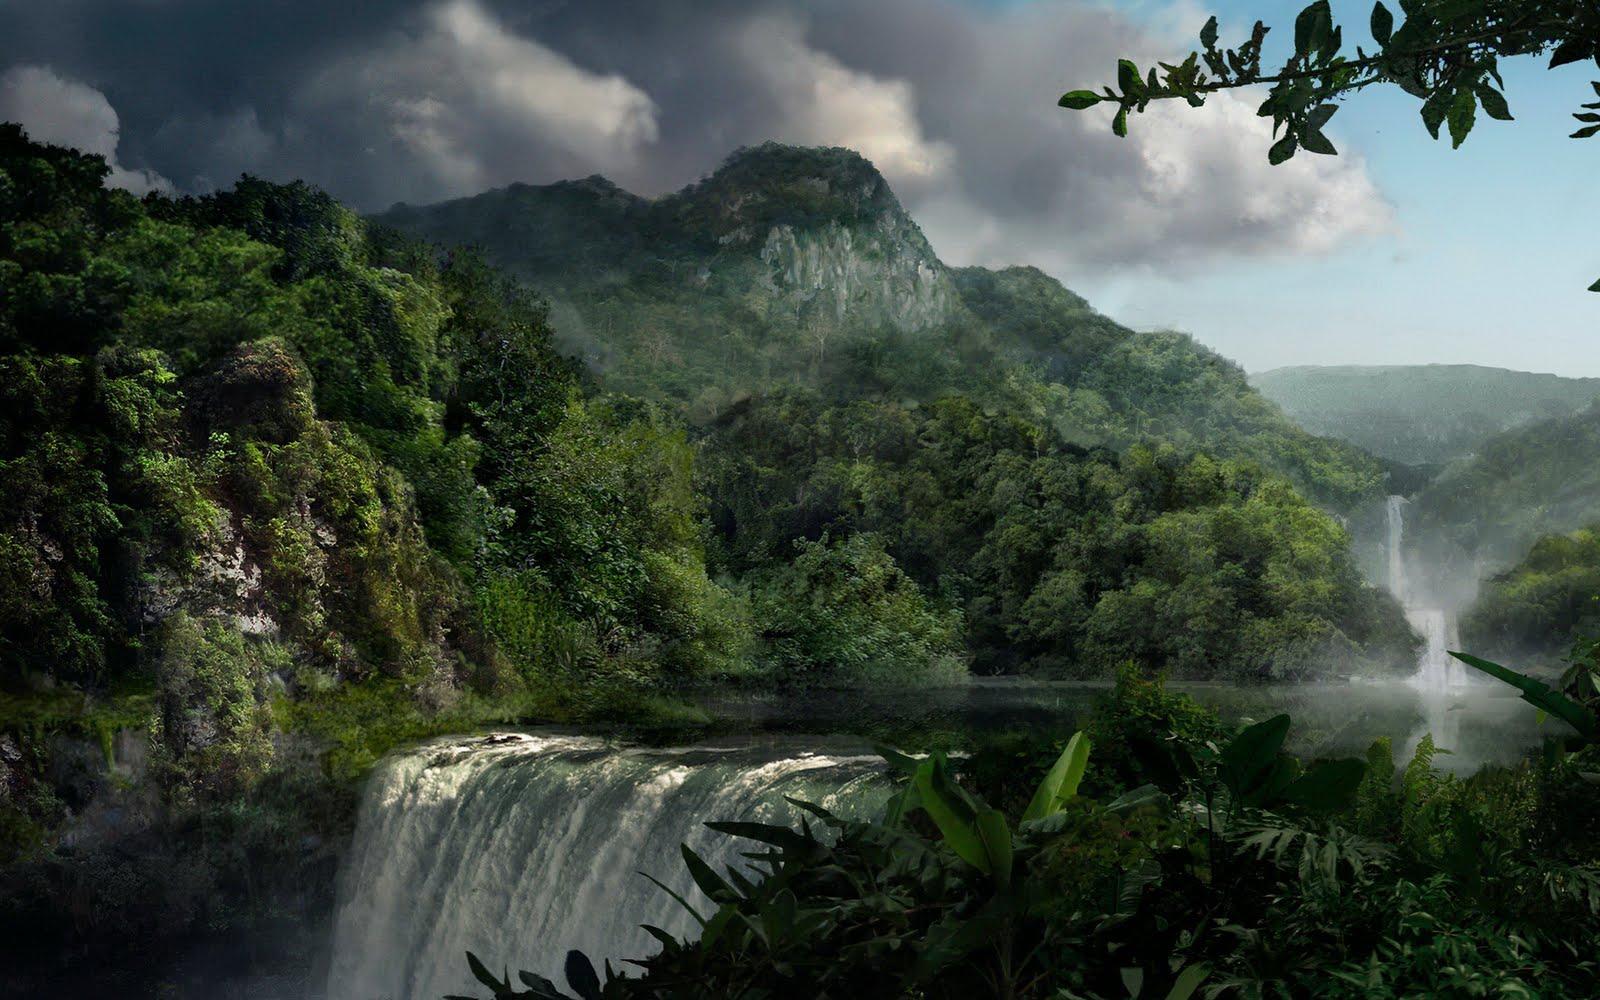 http://4.bp.blogspot.com/-C6OWhkrPoZY/Tm52OaLfqzI/AAAAAAAANlU/tYoy_Ux68Ag/s1600/Waterfalls+HD+Wallpaper.jpg